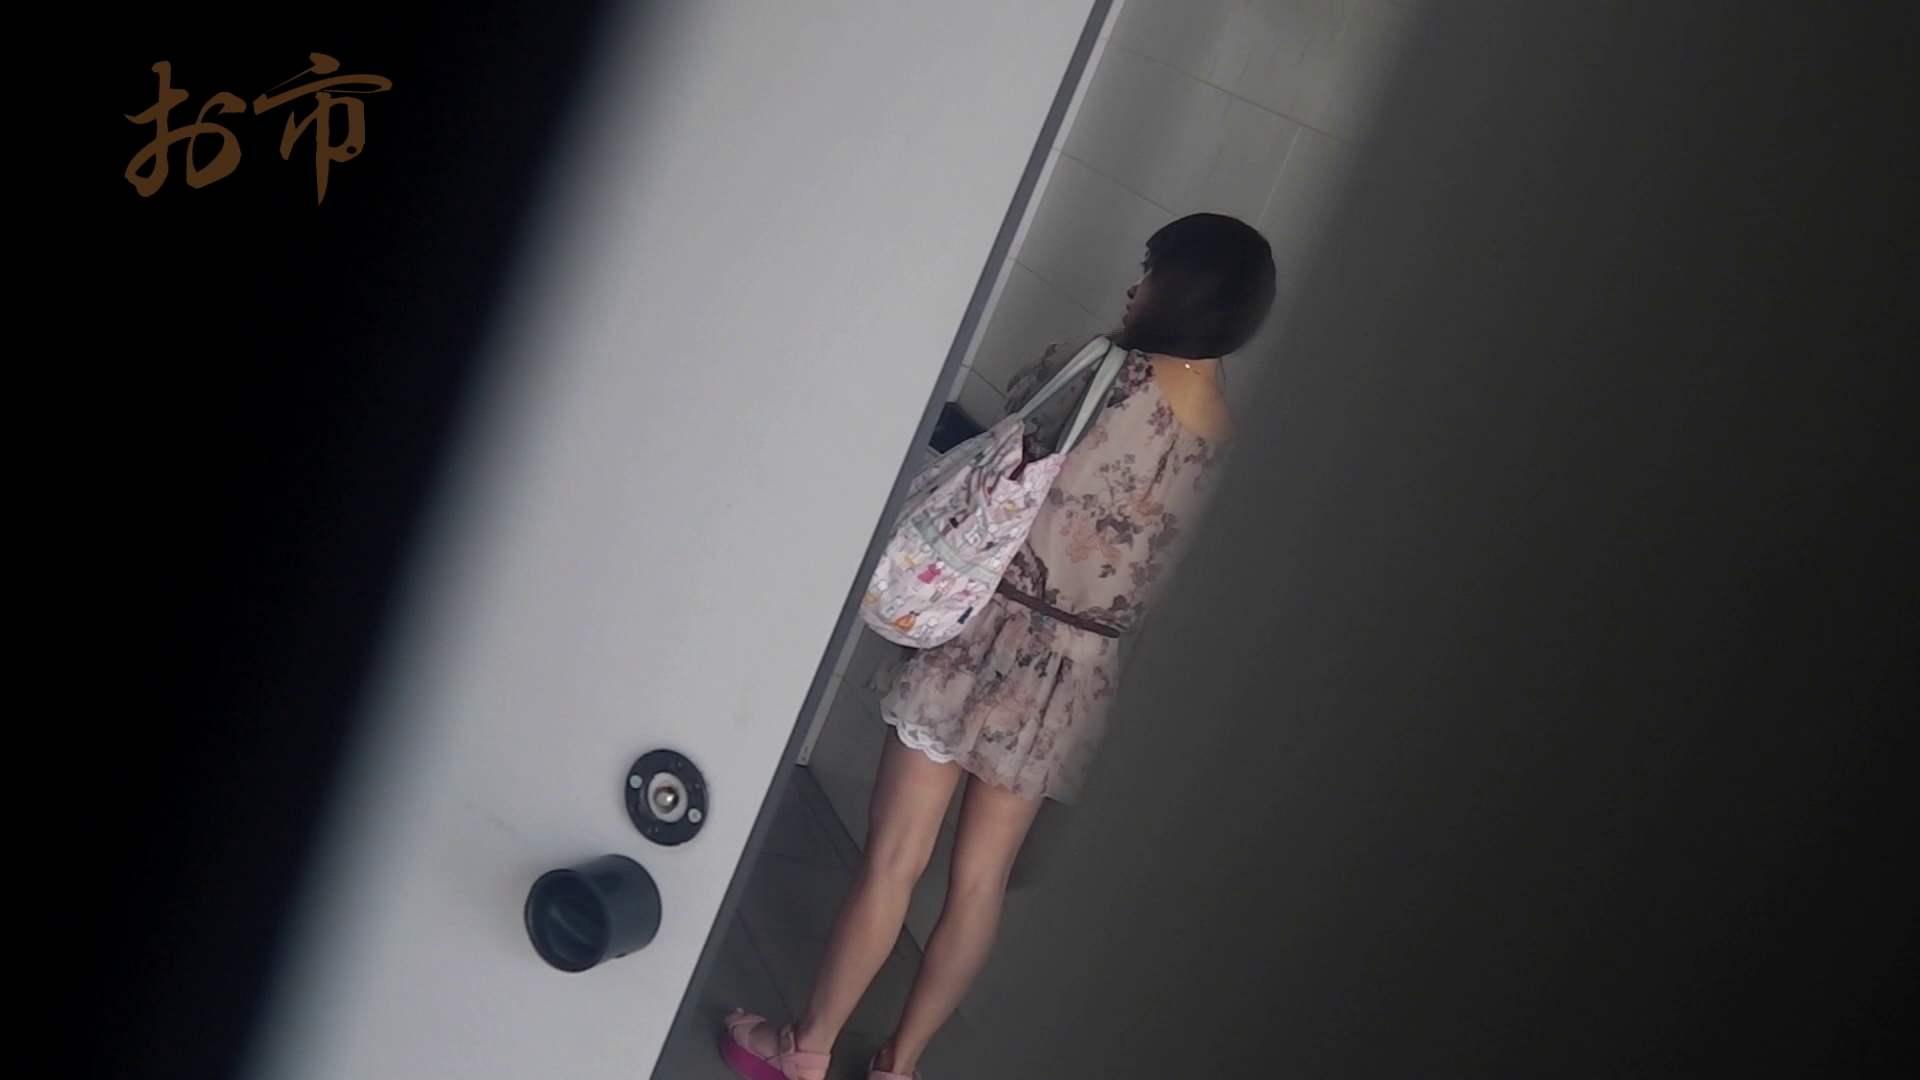 潜入!!台湾名門女学院 Vol.12 長身モデル驚き見たことないシチュエーション 細身・スレンダー  53画像 9